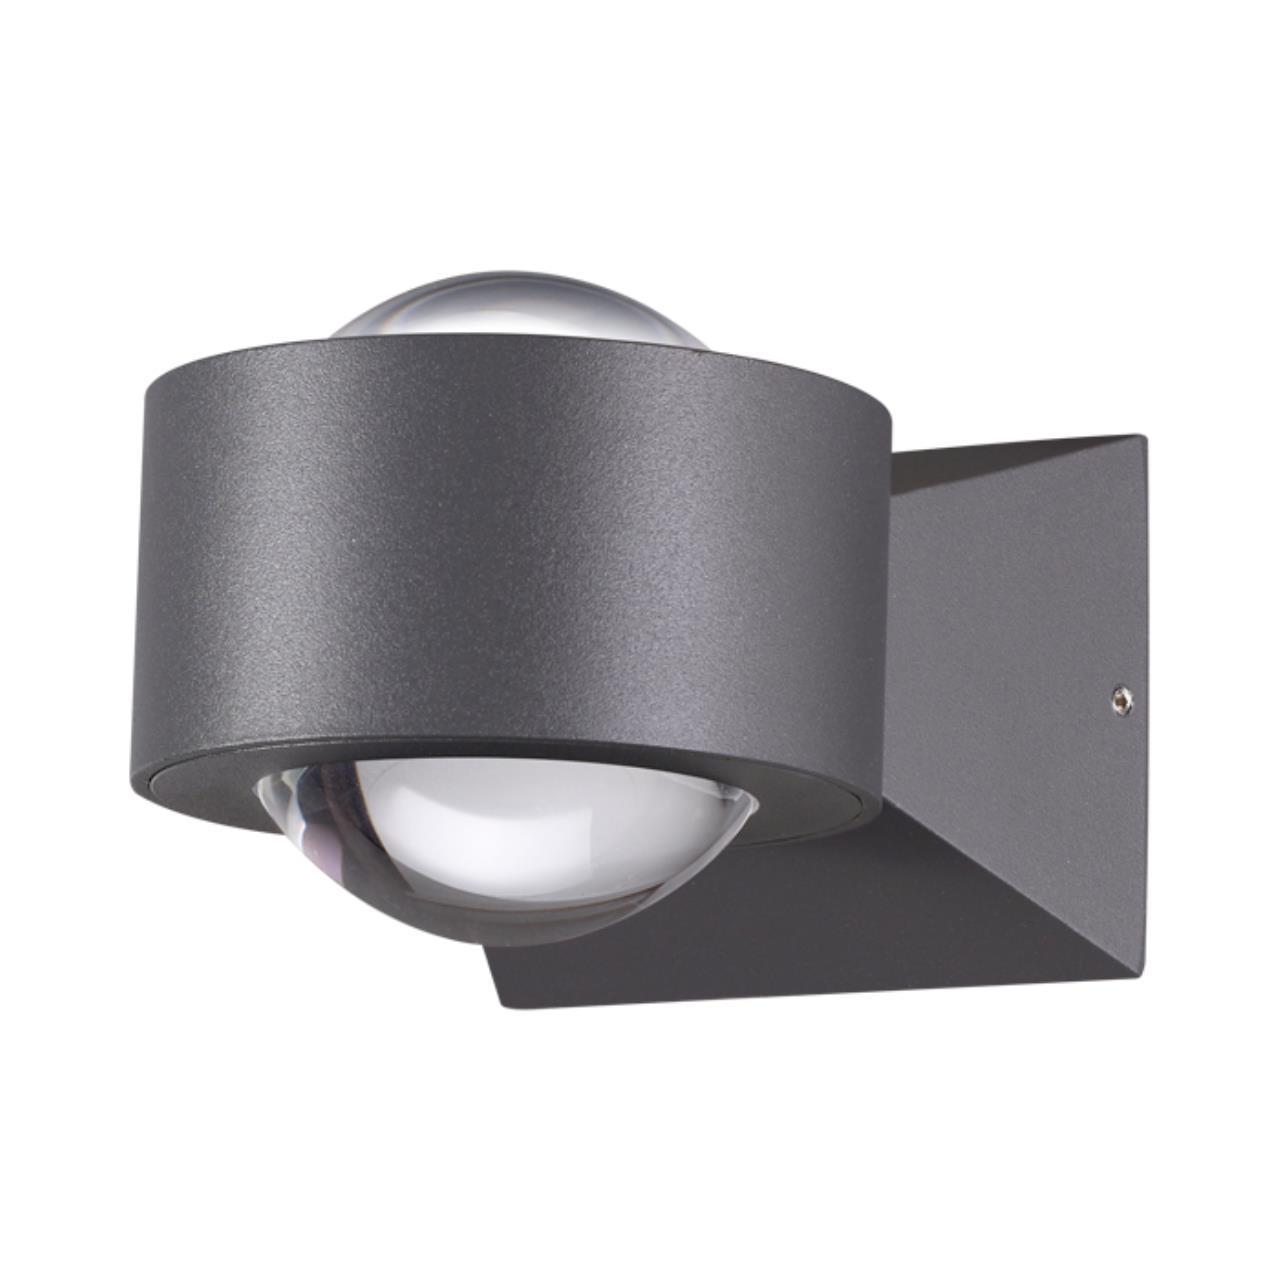 358154 STREET NT19 153 темно-серый Ландшафтный настенный светильник IP54 LED 4000K 6W 85 - 265V CALL